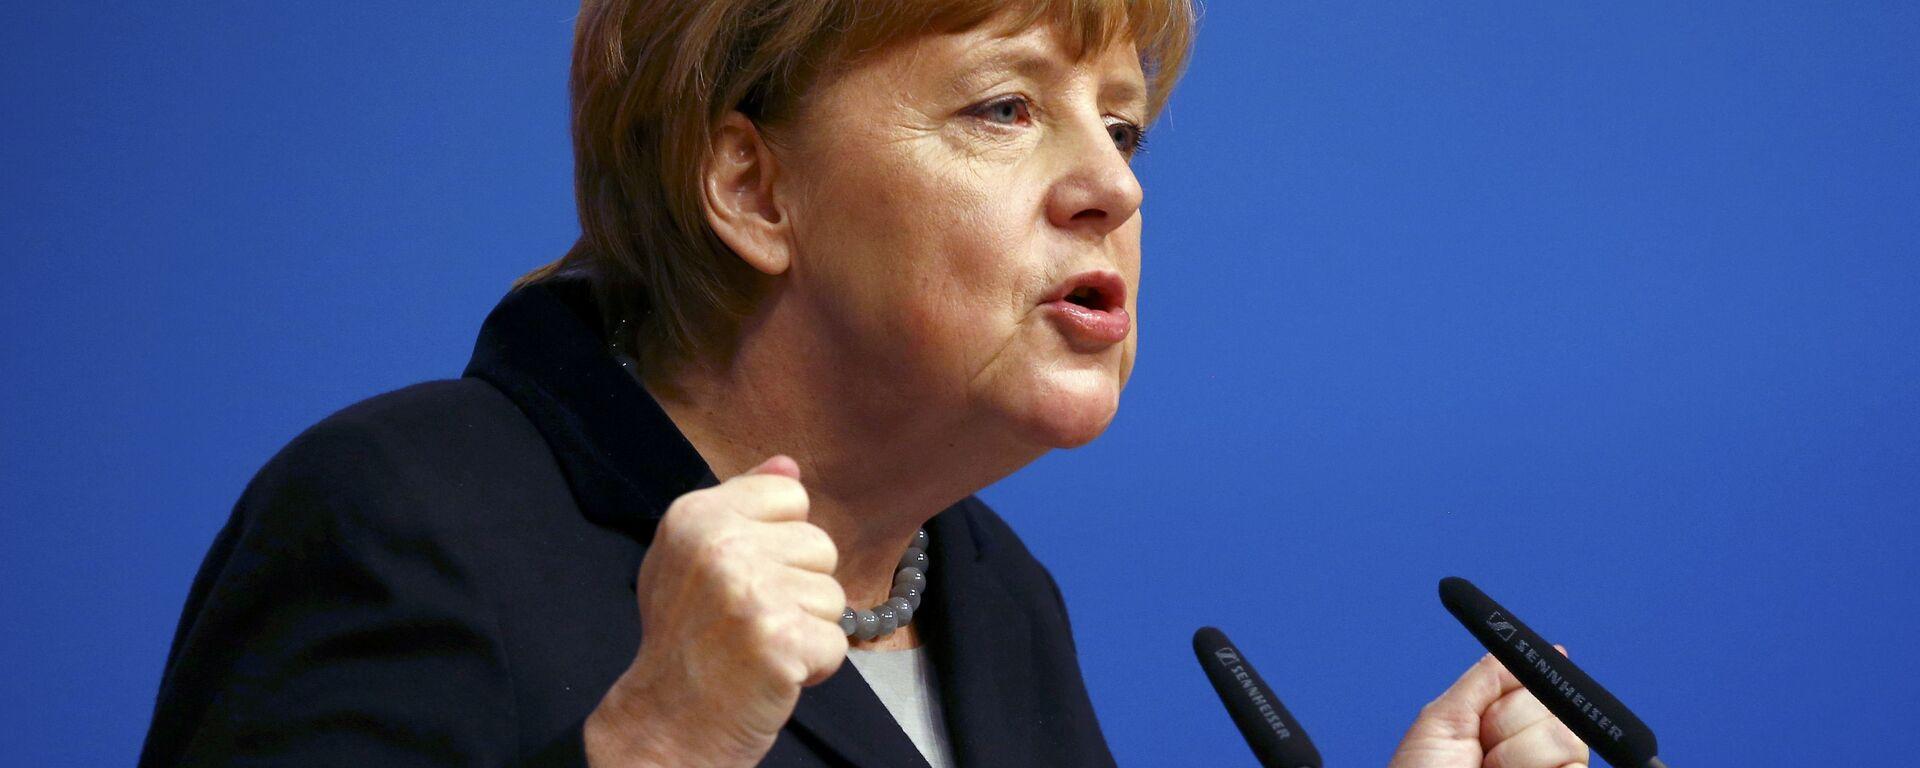 Angela Merkelová - Sputnik Česká republika, 1920, 18.07.2021